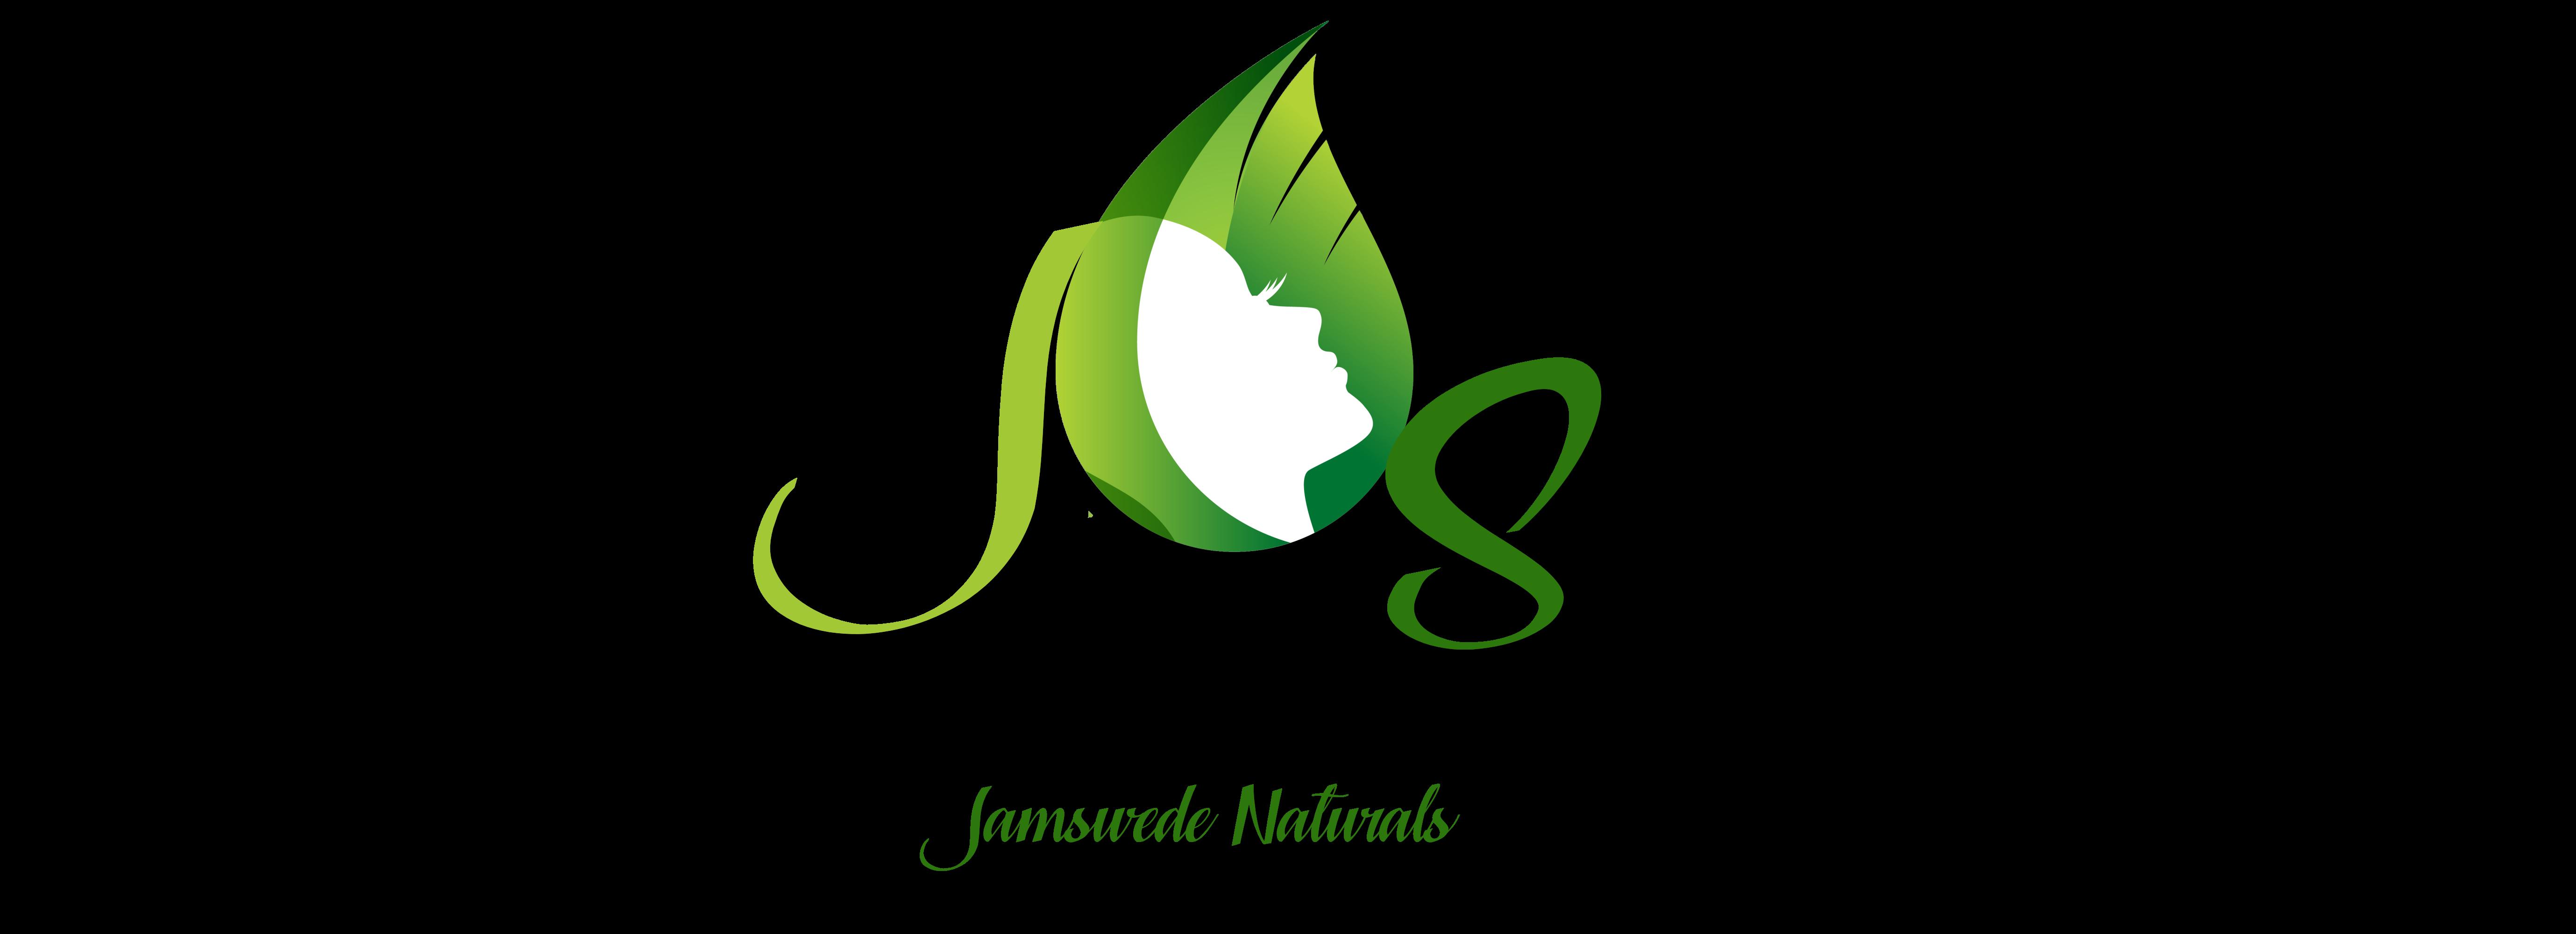 Jamswede.com